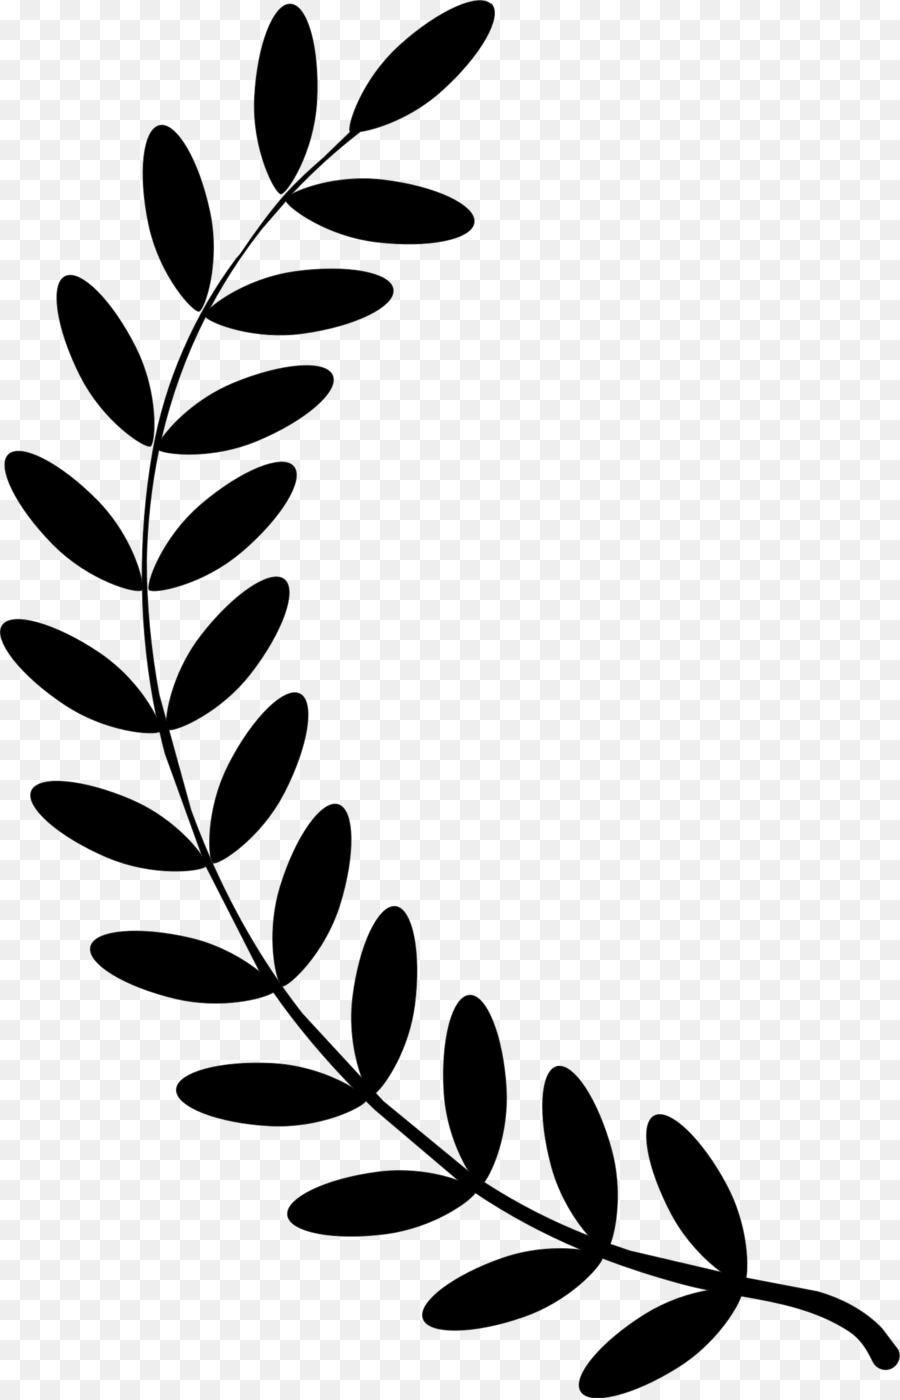 Olive leaf clipart black and white library Olive Leaf Drawing | Free download best Olive Leaf Drawing ... black and white library